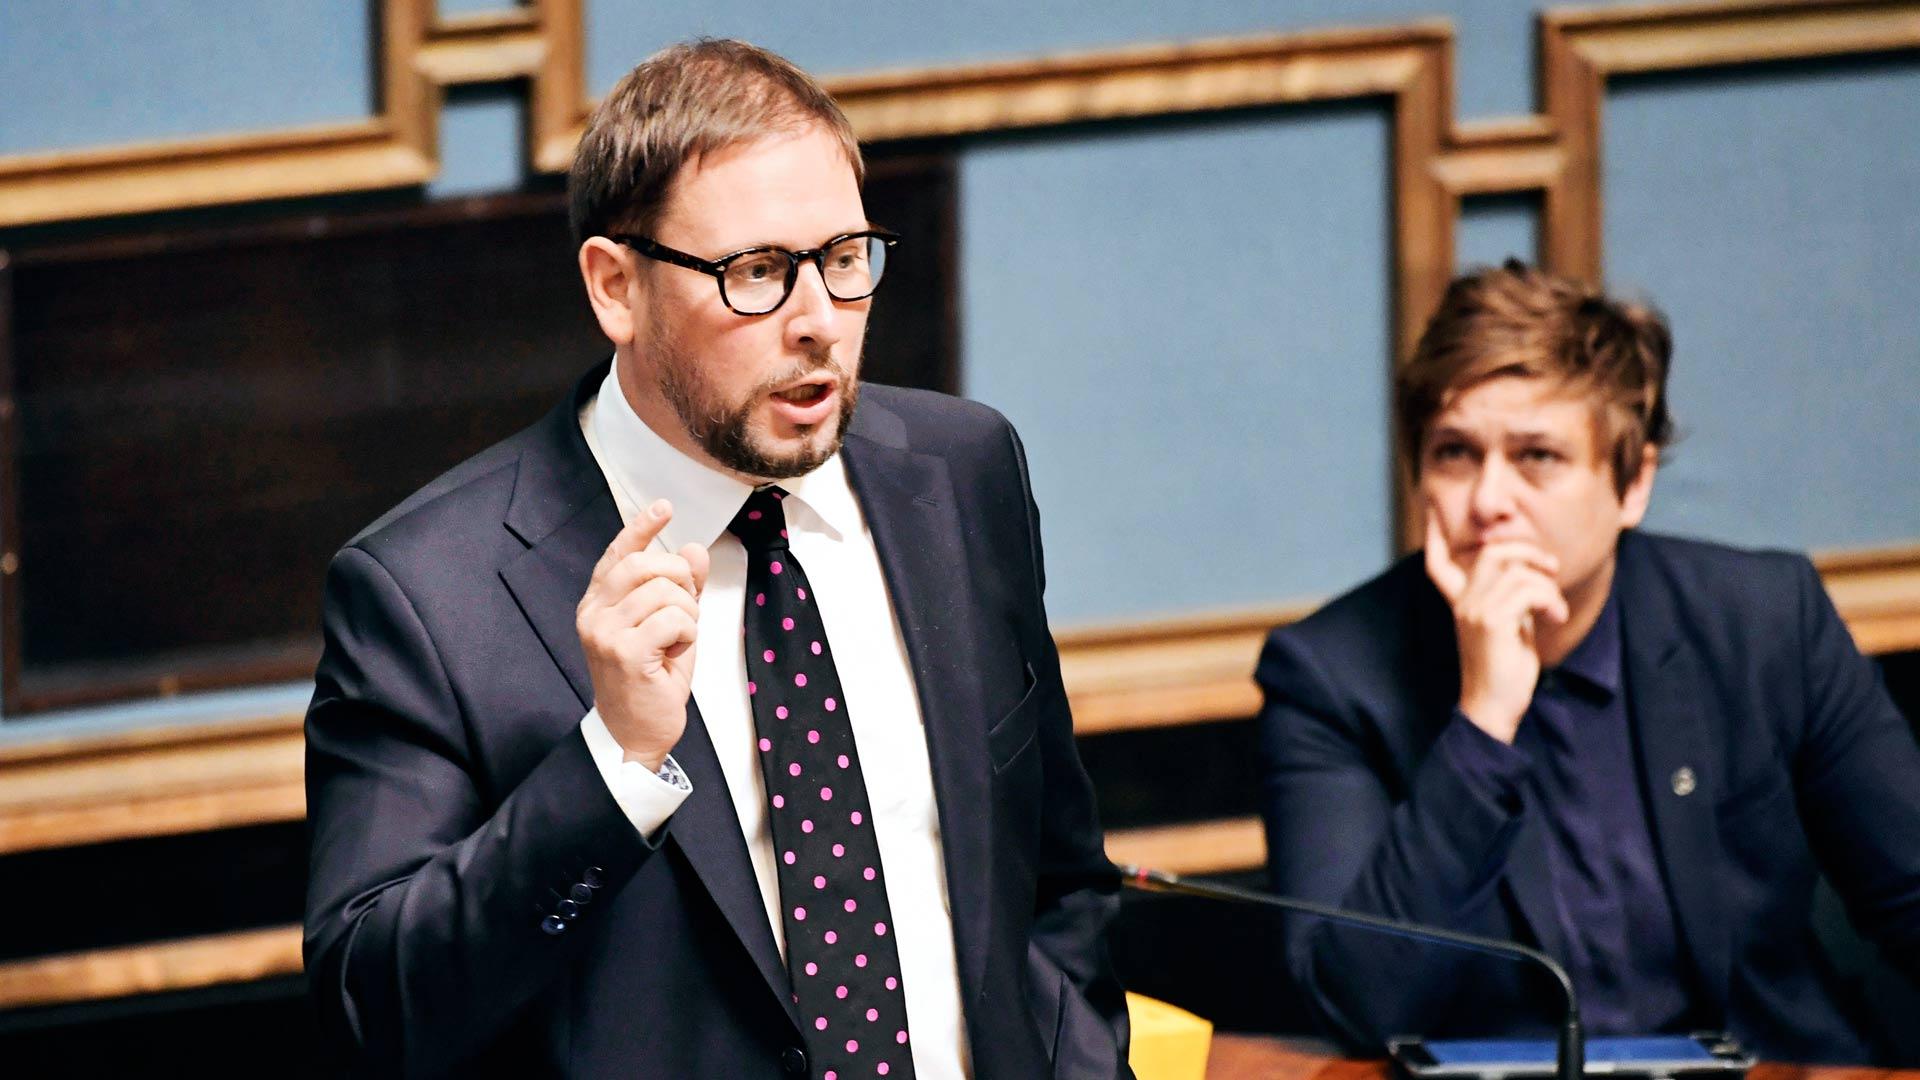 Vasemmistoliitto on ulkoistanut huutotoimintonsa entiselle puheenjohtajalleen Paavo Arhinmäelle